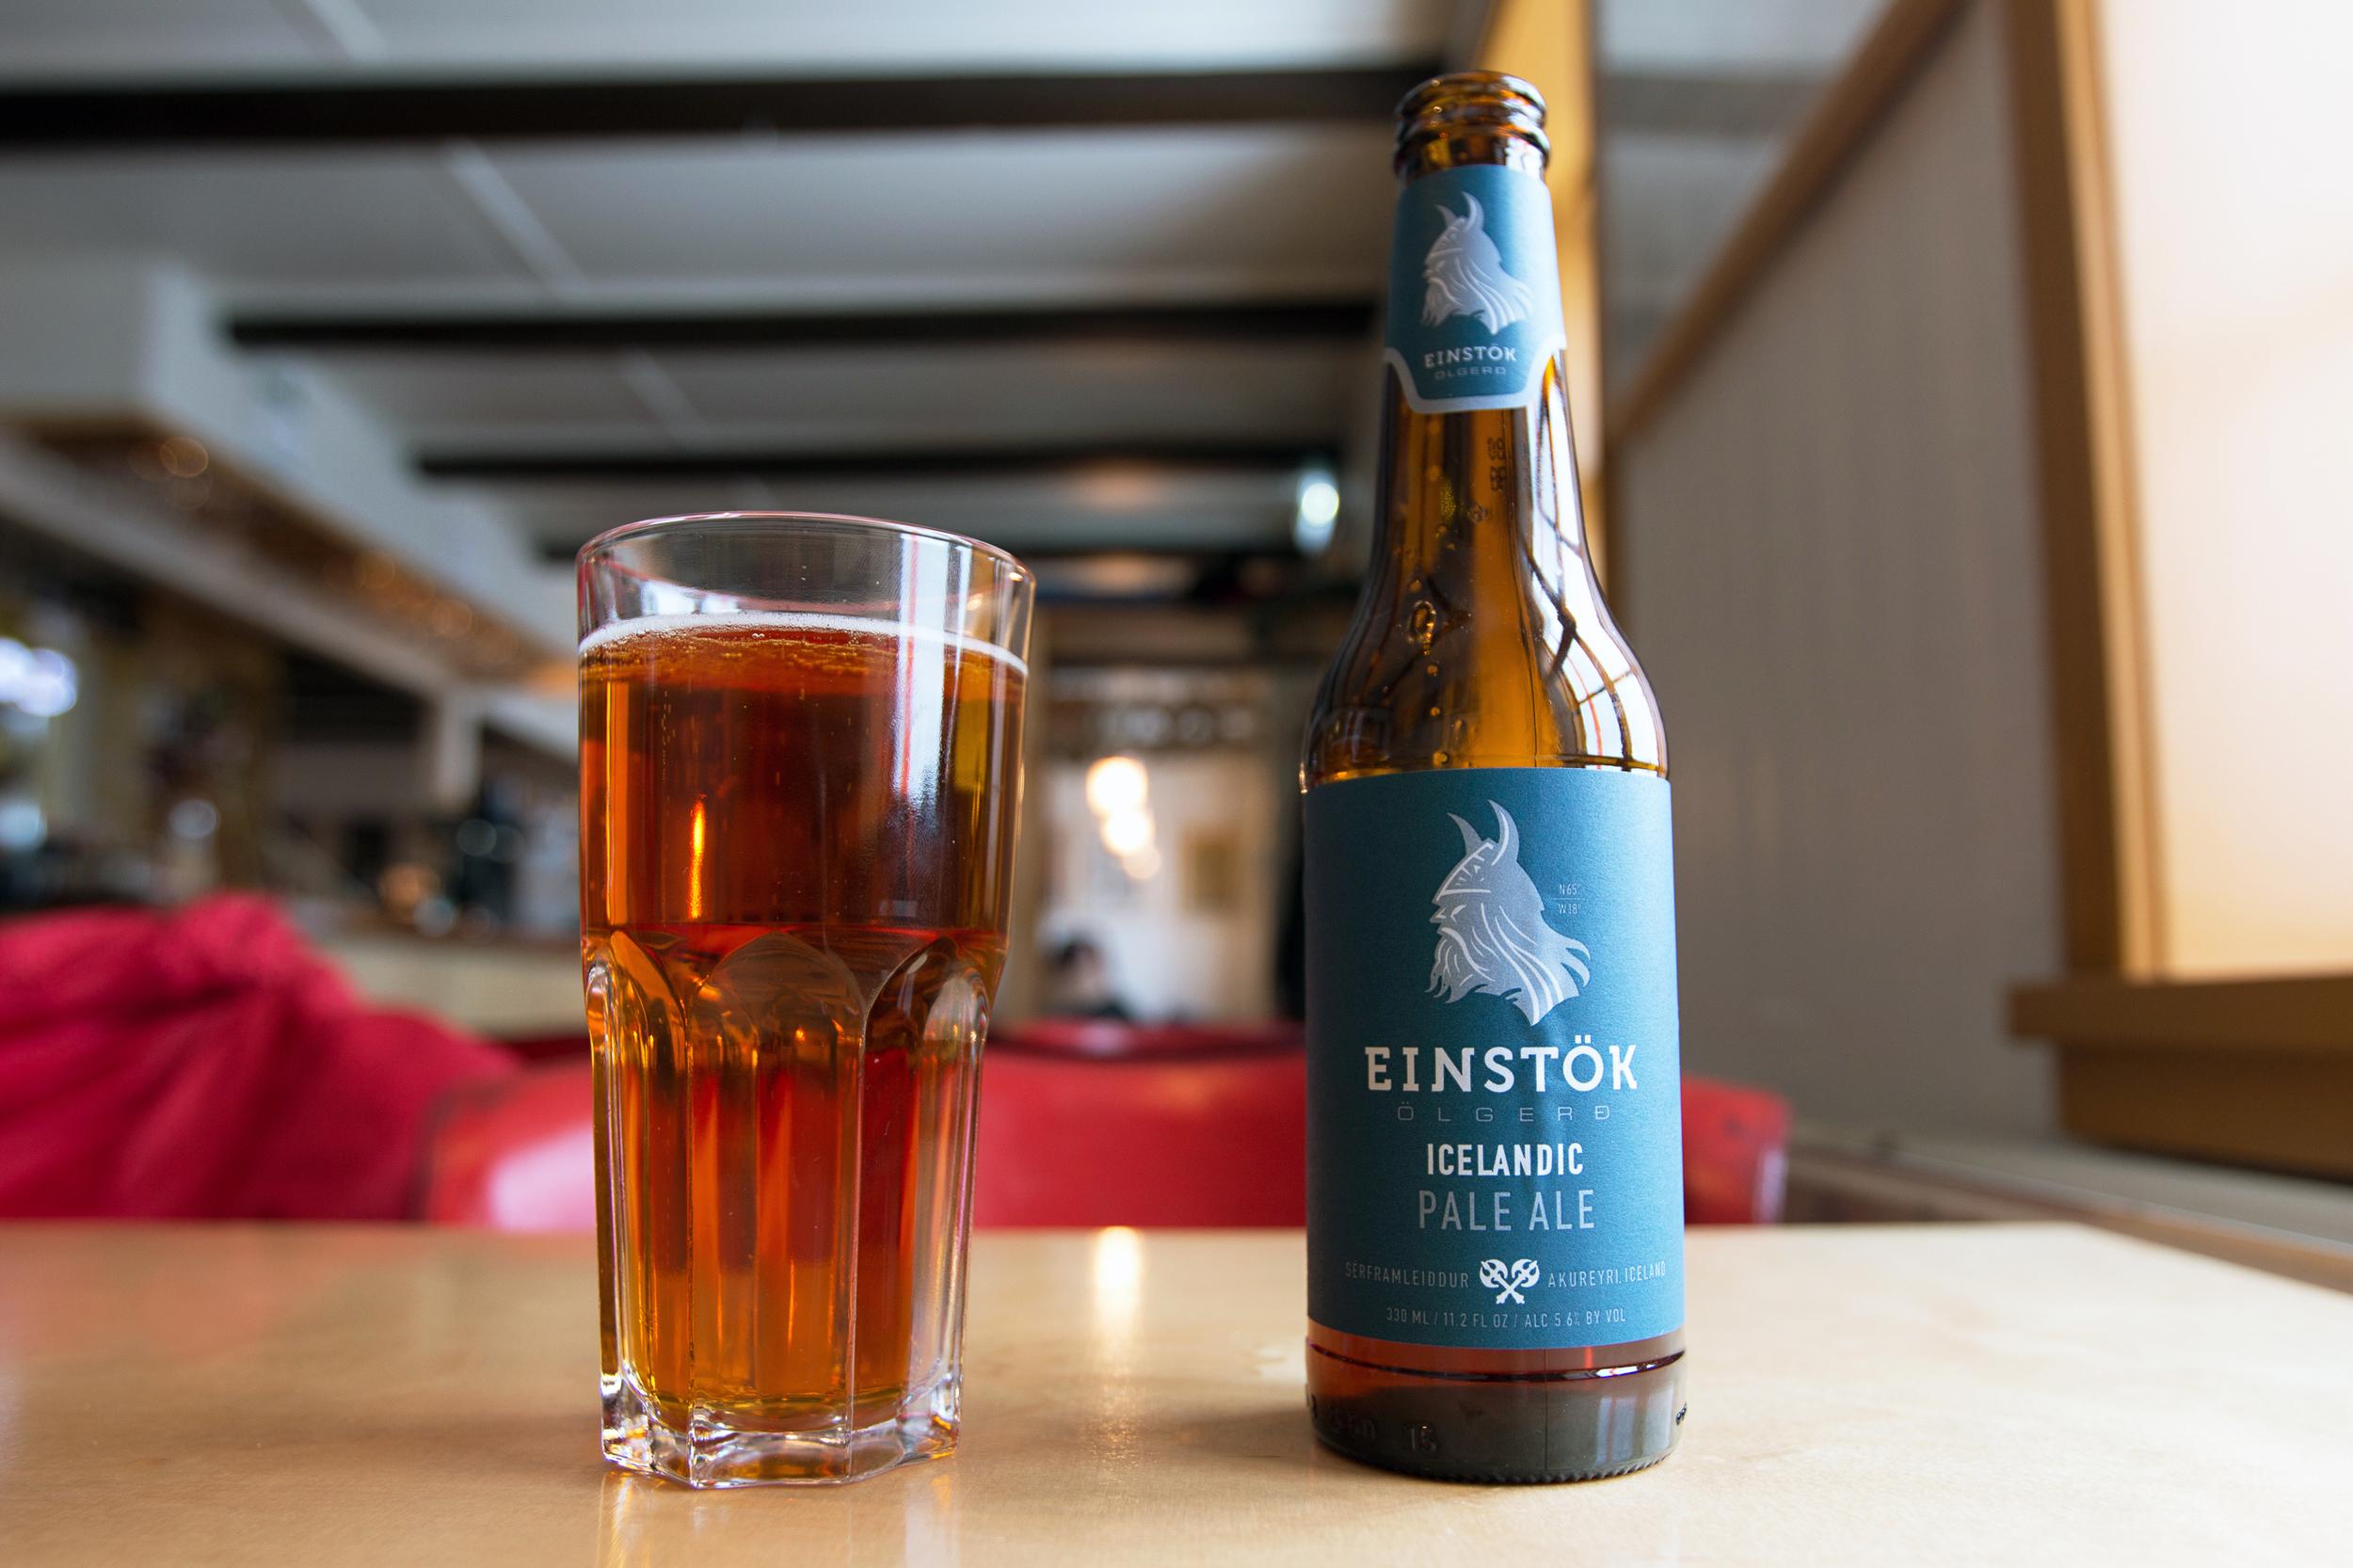 My favorite Icelandic beer